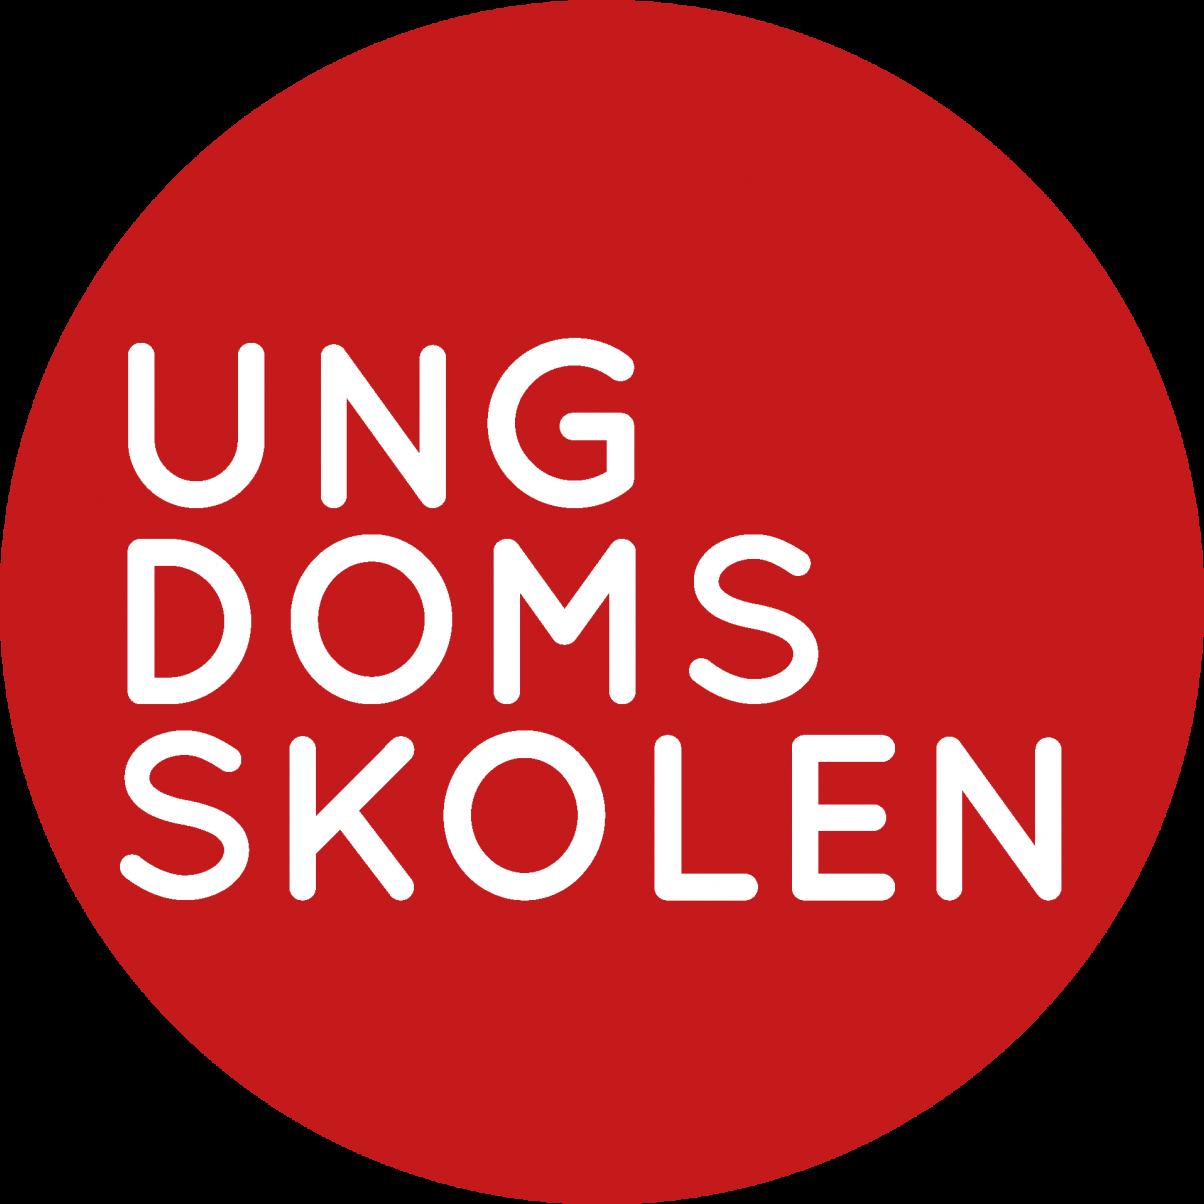 ungdomsskolen_logo